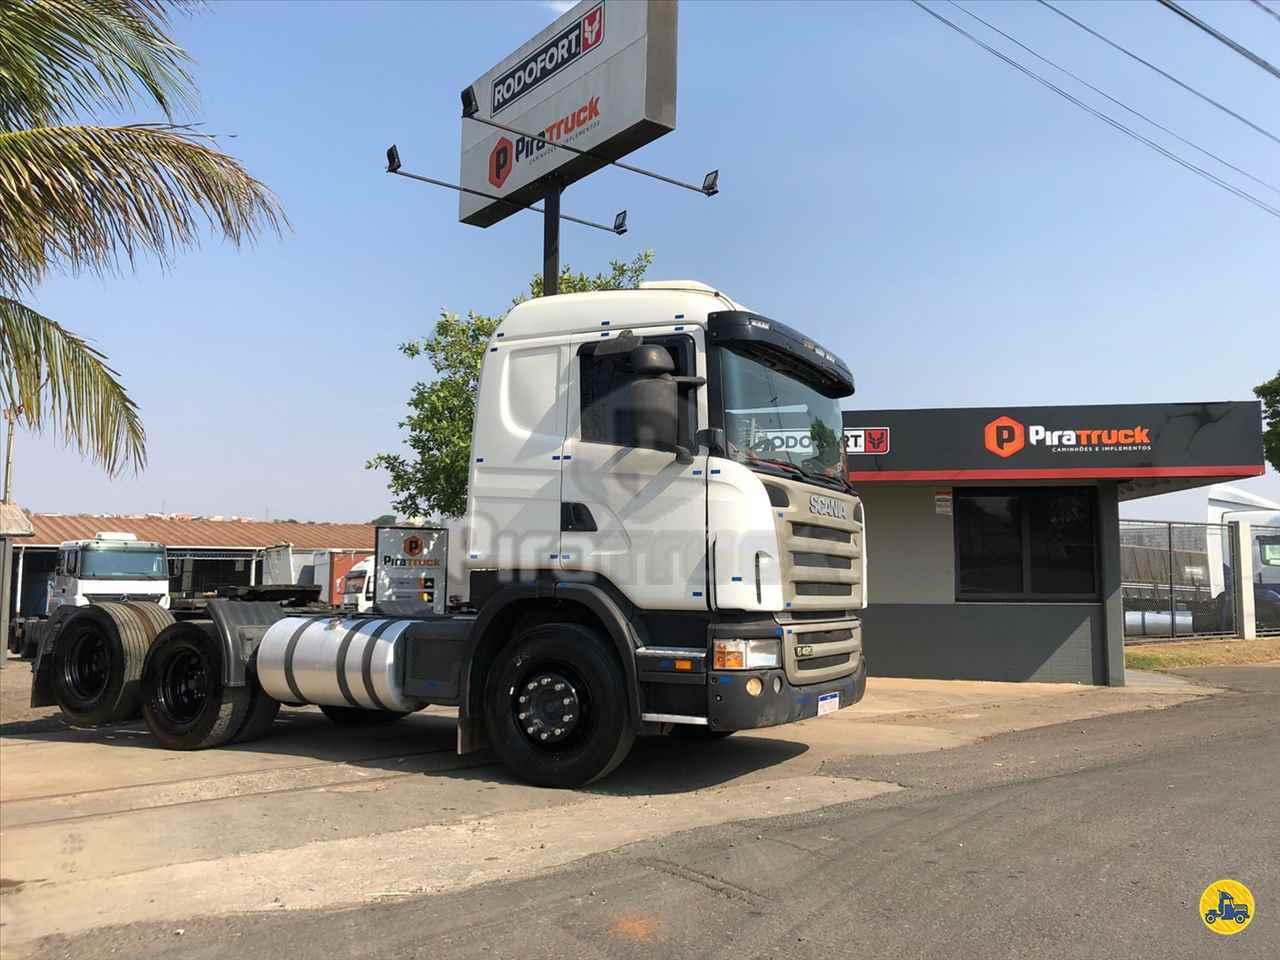 CAMINHAO SCANIA SCANIA 420 Cavalo Mecânico Truck 6x2 Piratruck Implementos Rodoviários PIRACICABA SÃO PAULO SP